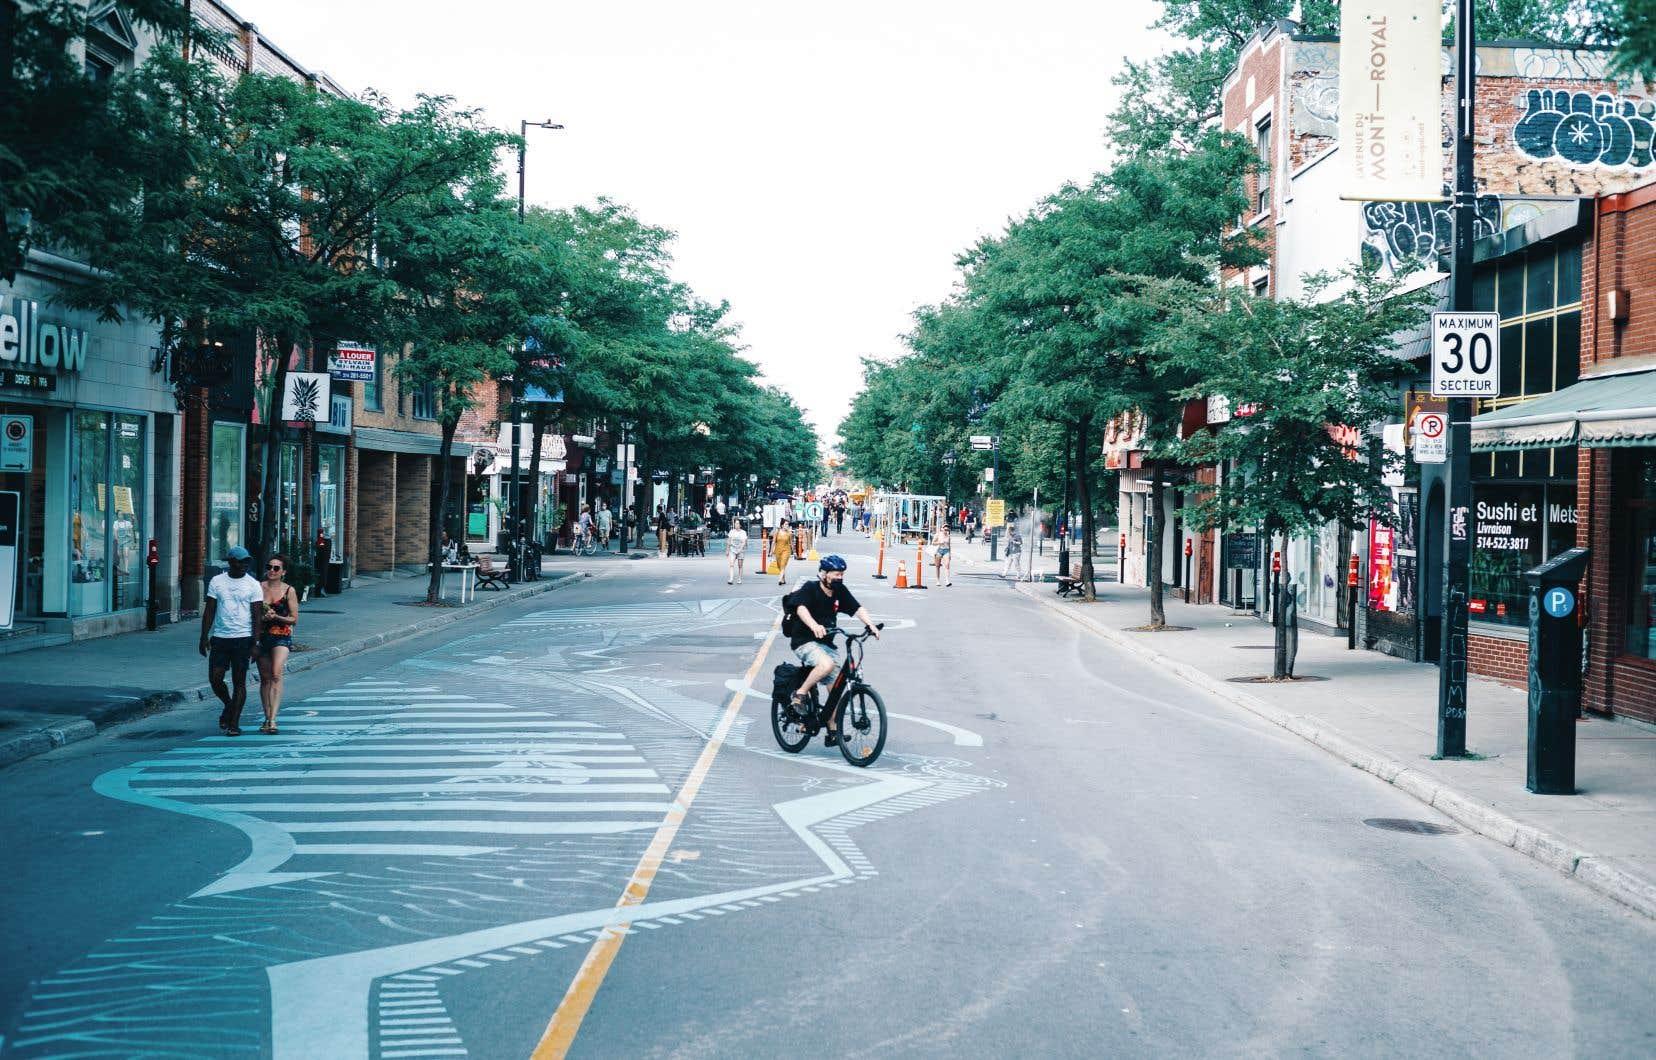 Au cours de l'été, plusieurs rues de Montréal sont devenues piétonnes ou ont été dotées de pistes cyclables, mais les automobilistes s'opposent davantage à ces mesures car ils retirent le moins les bénéfices.